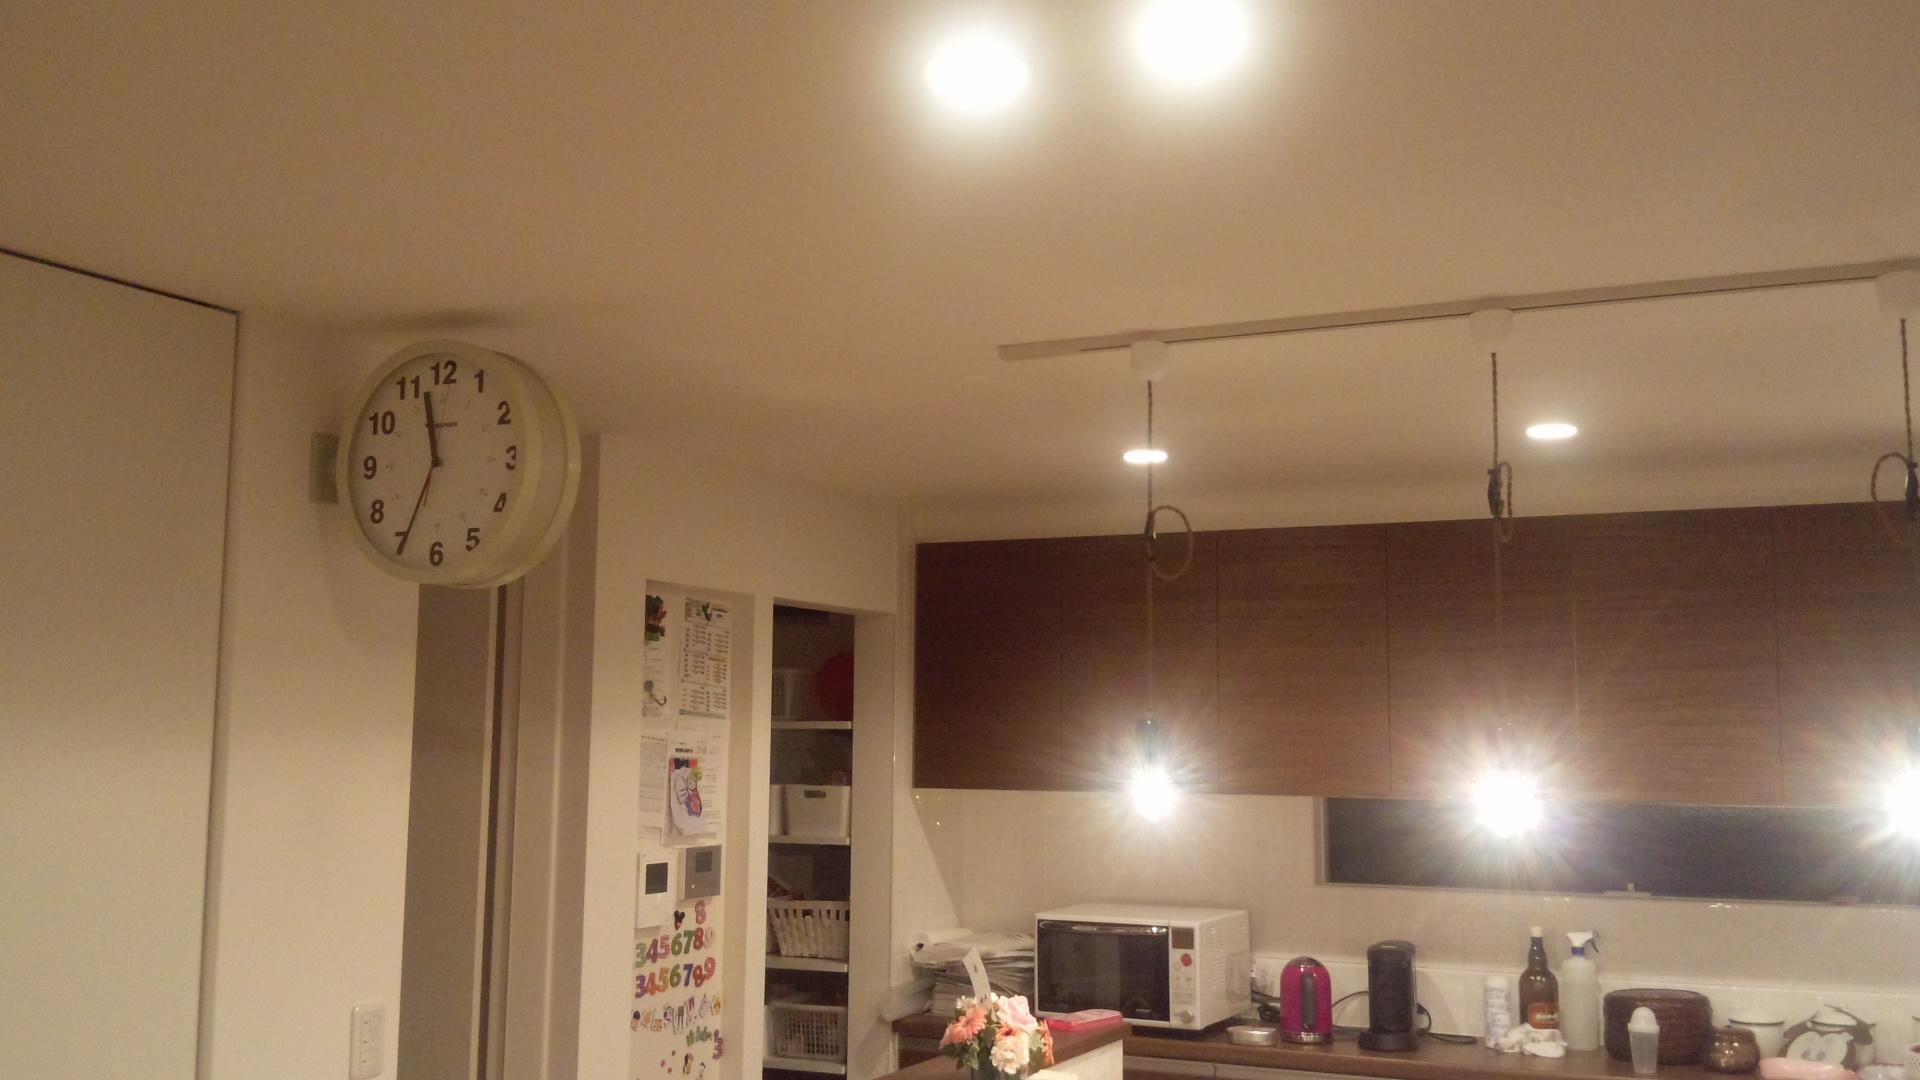 ダルトン 両面時計 壁掛け時計 掛け時計 両面 時計  …